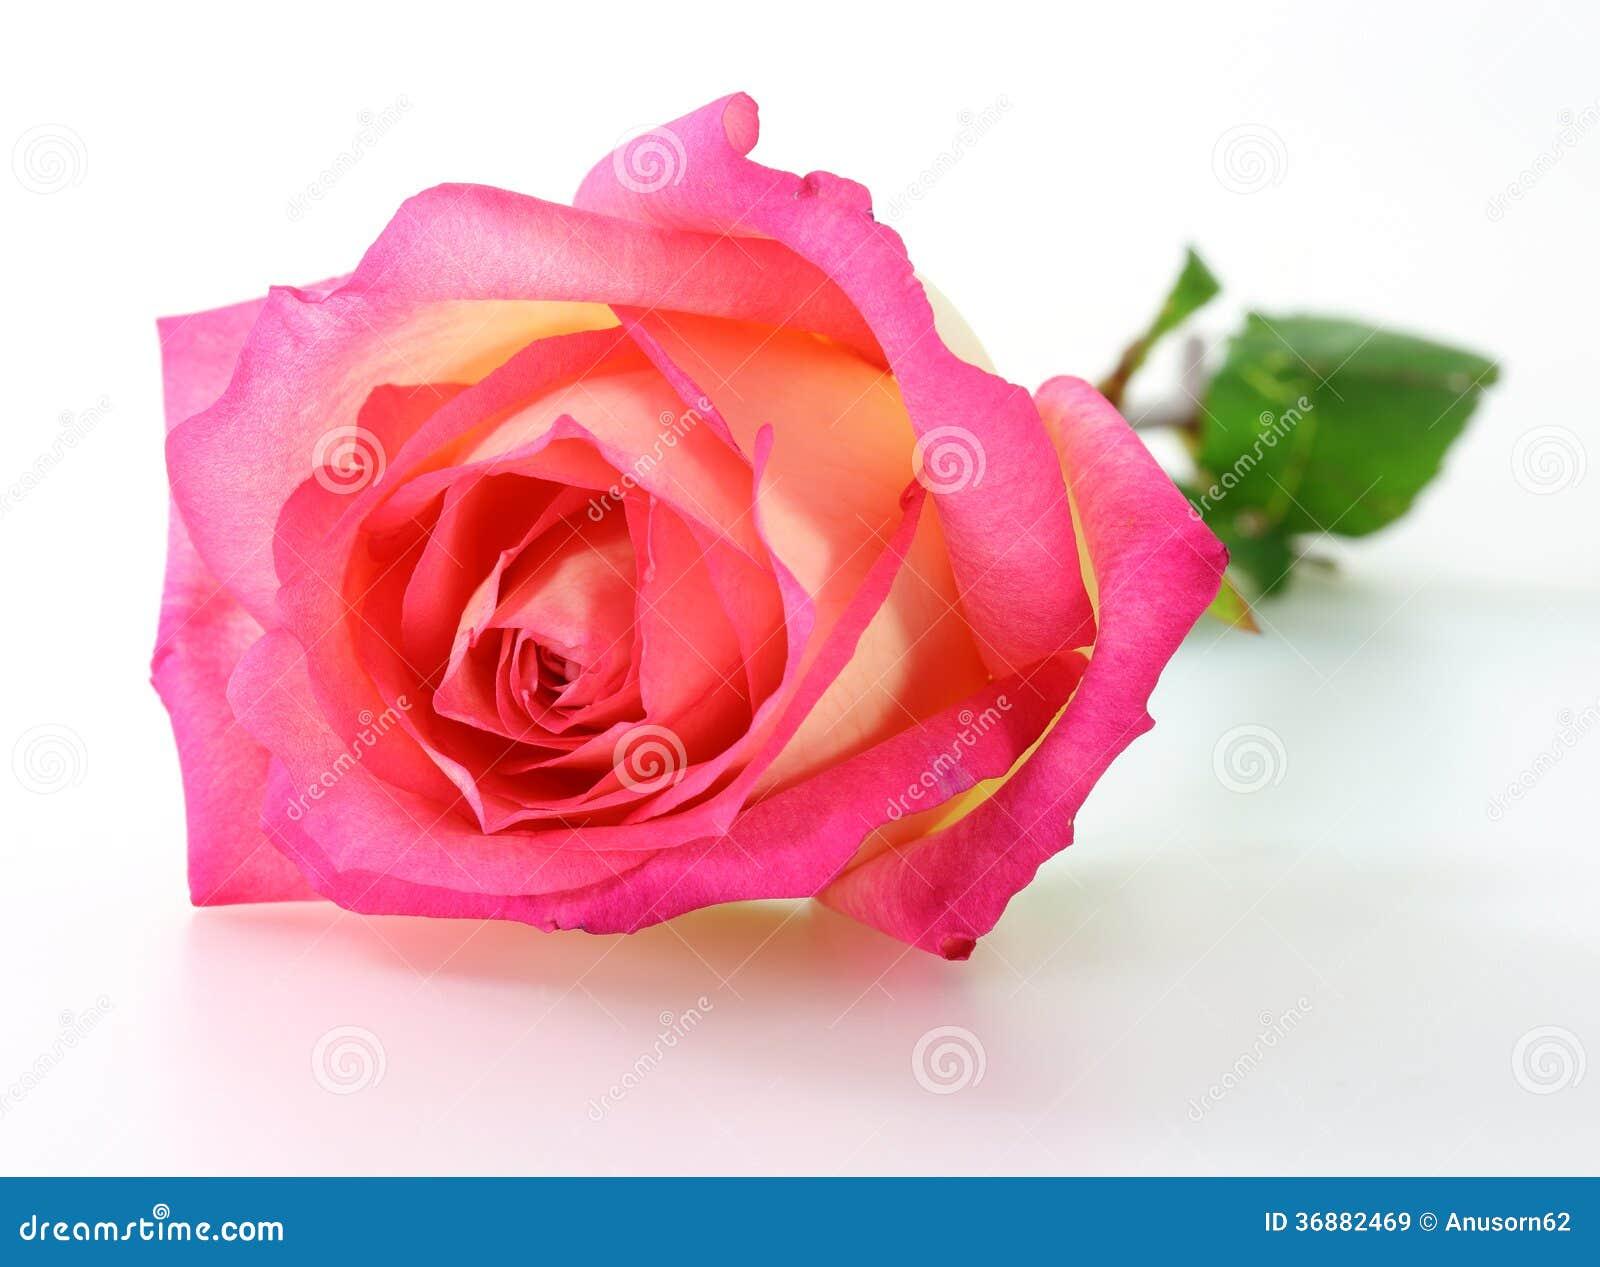 Download Rosa di rosa immagine stock. Immagine di anniversario - 36882469